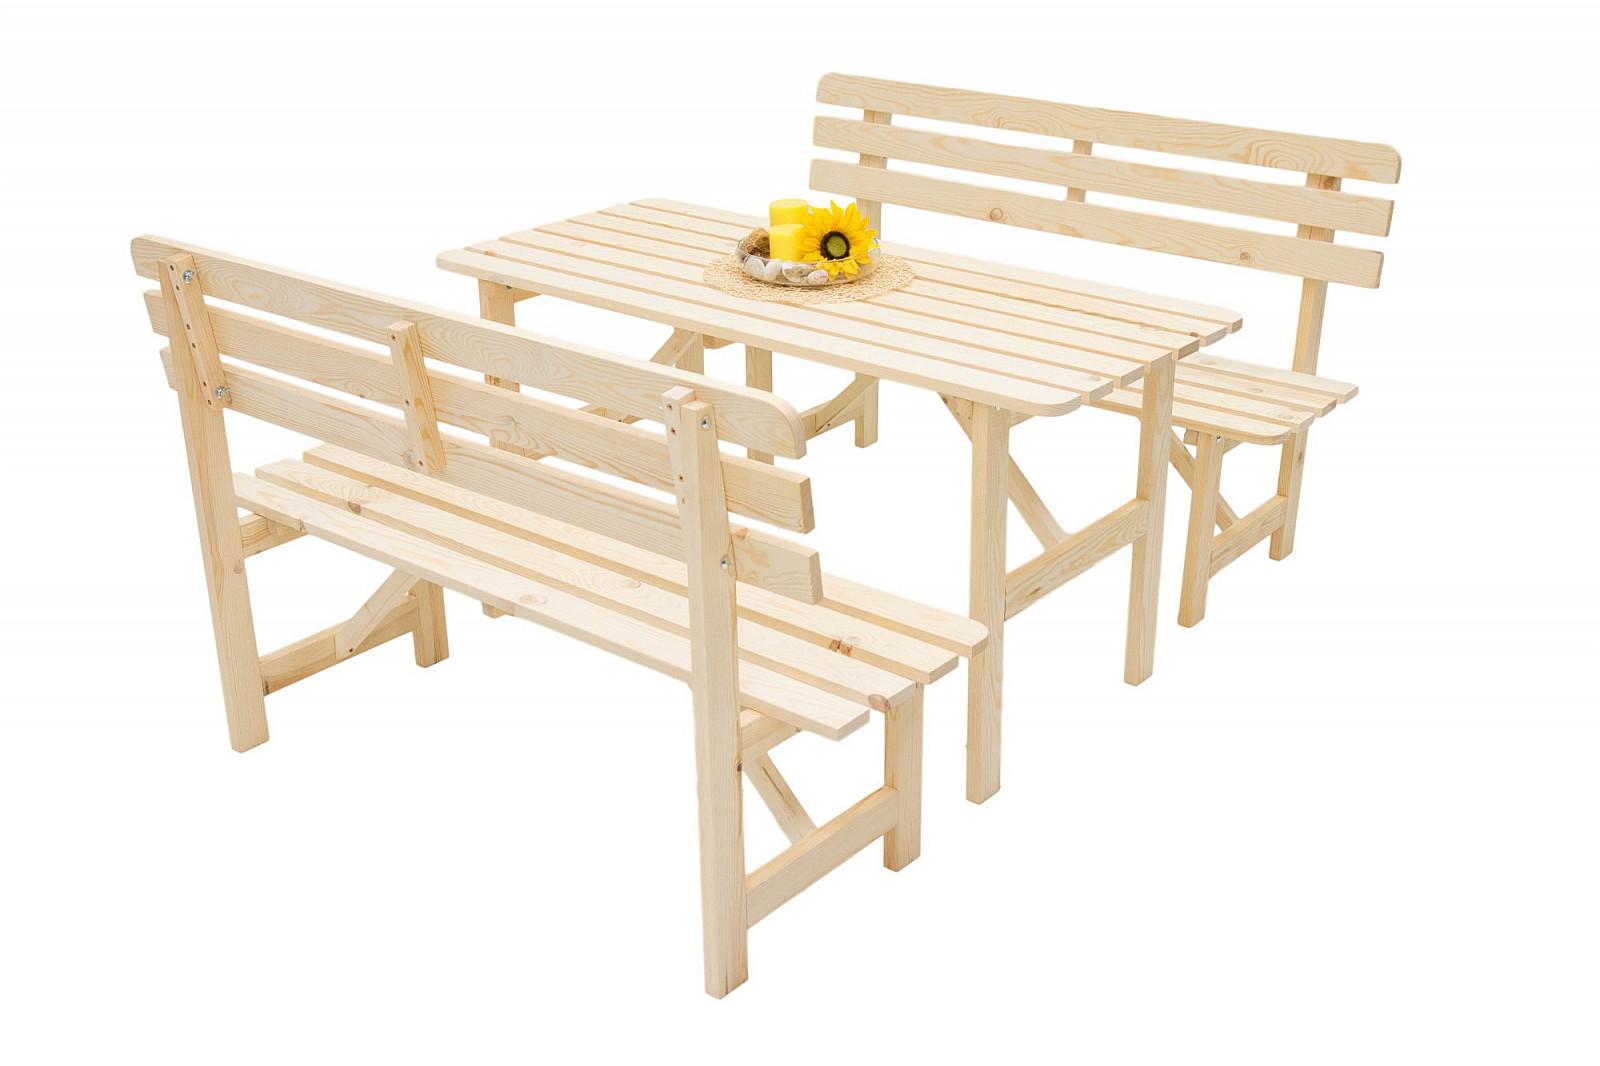 DEOKORK Masivní dřevěná zahradní sestava z borovice 1+2 dřevo 22 mm